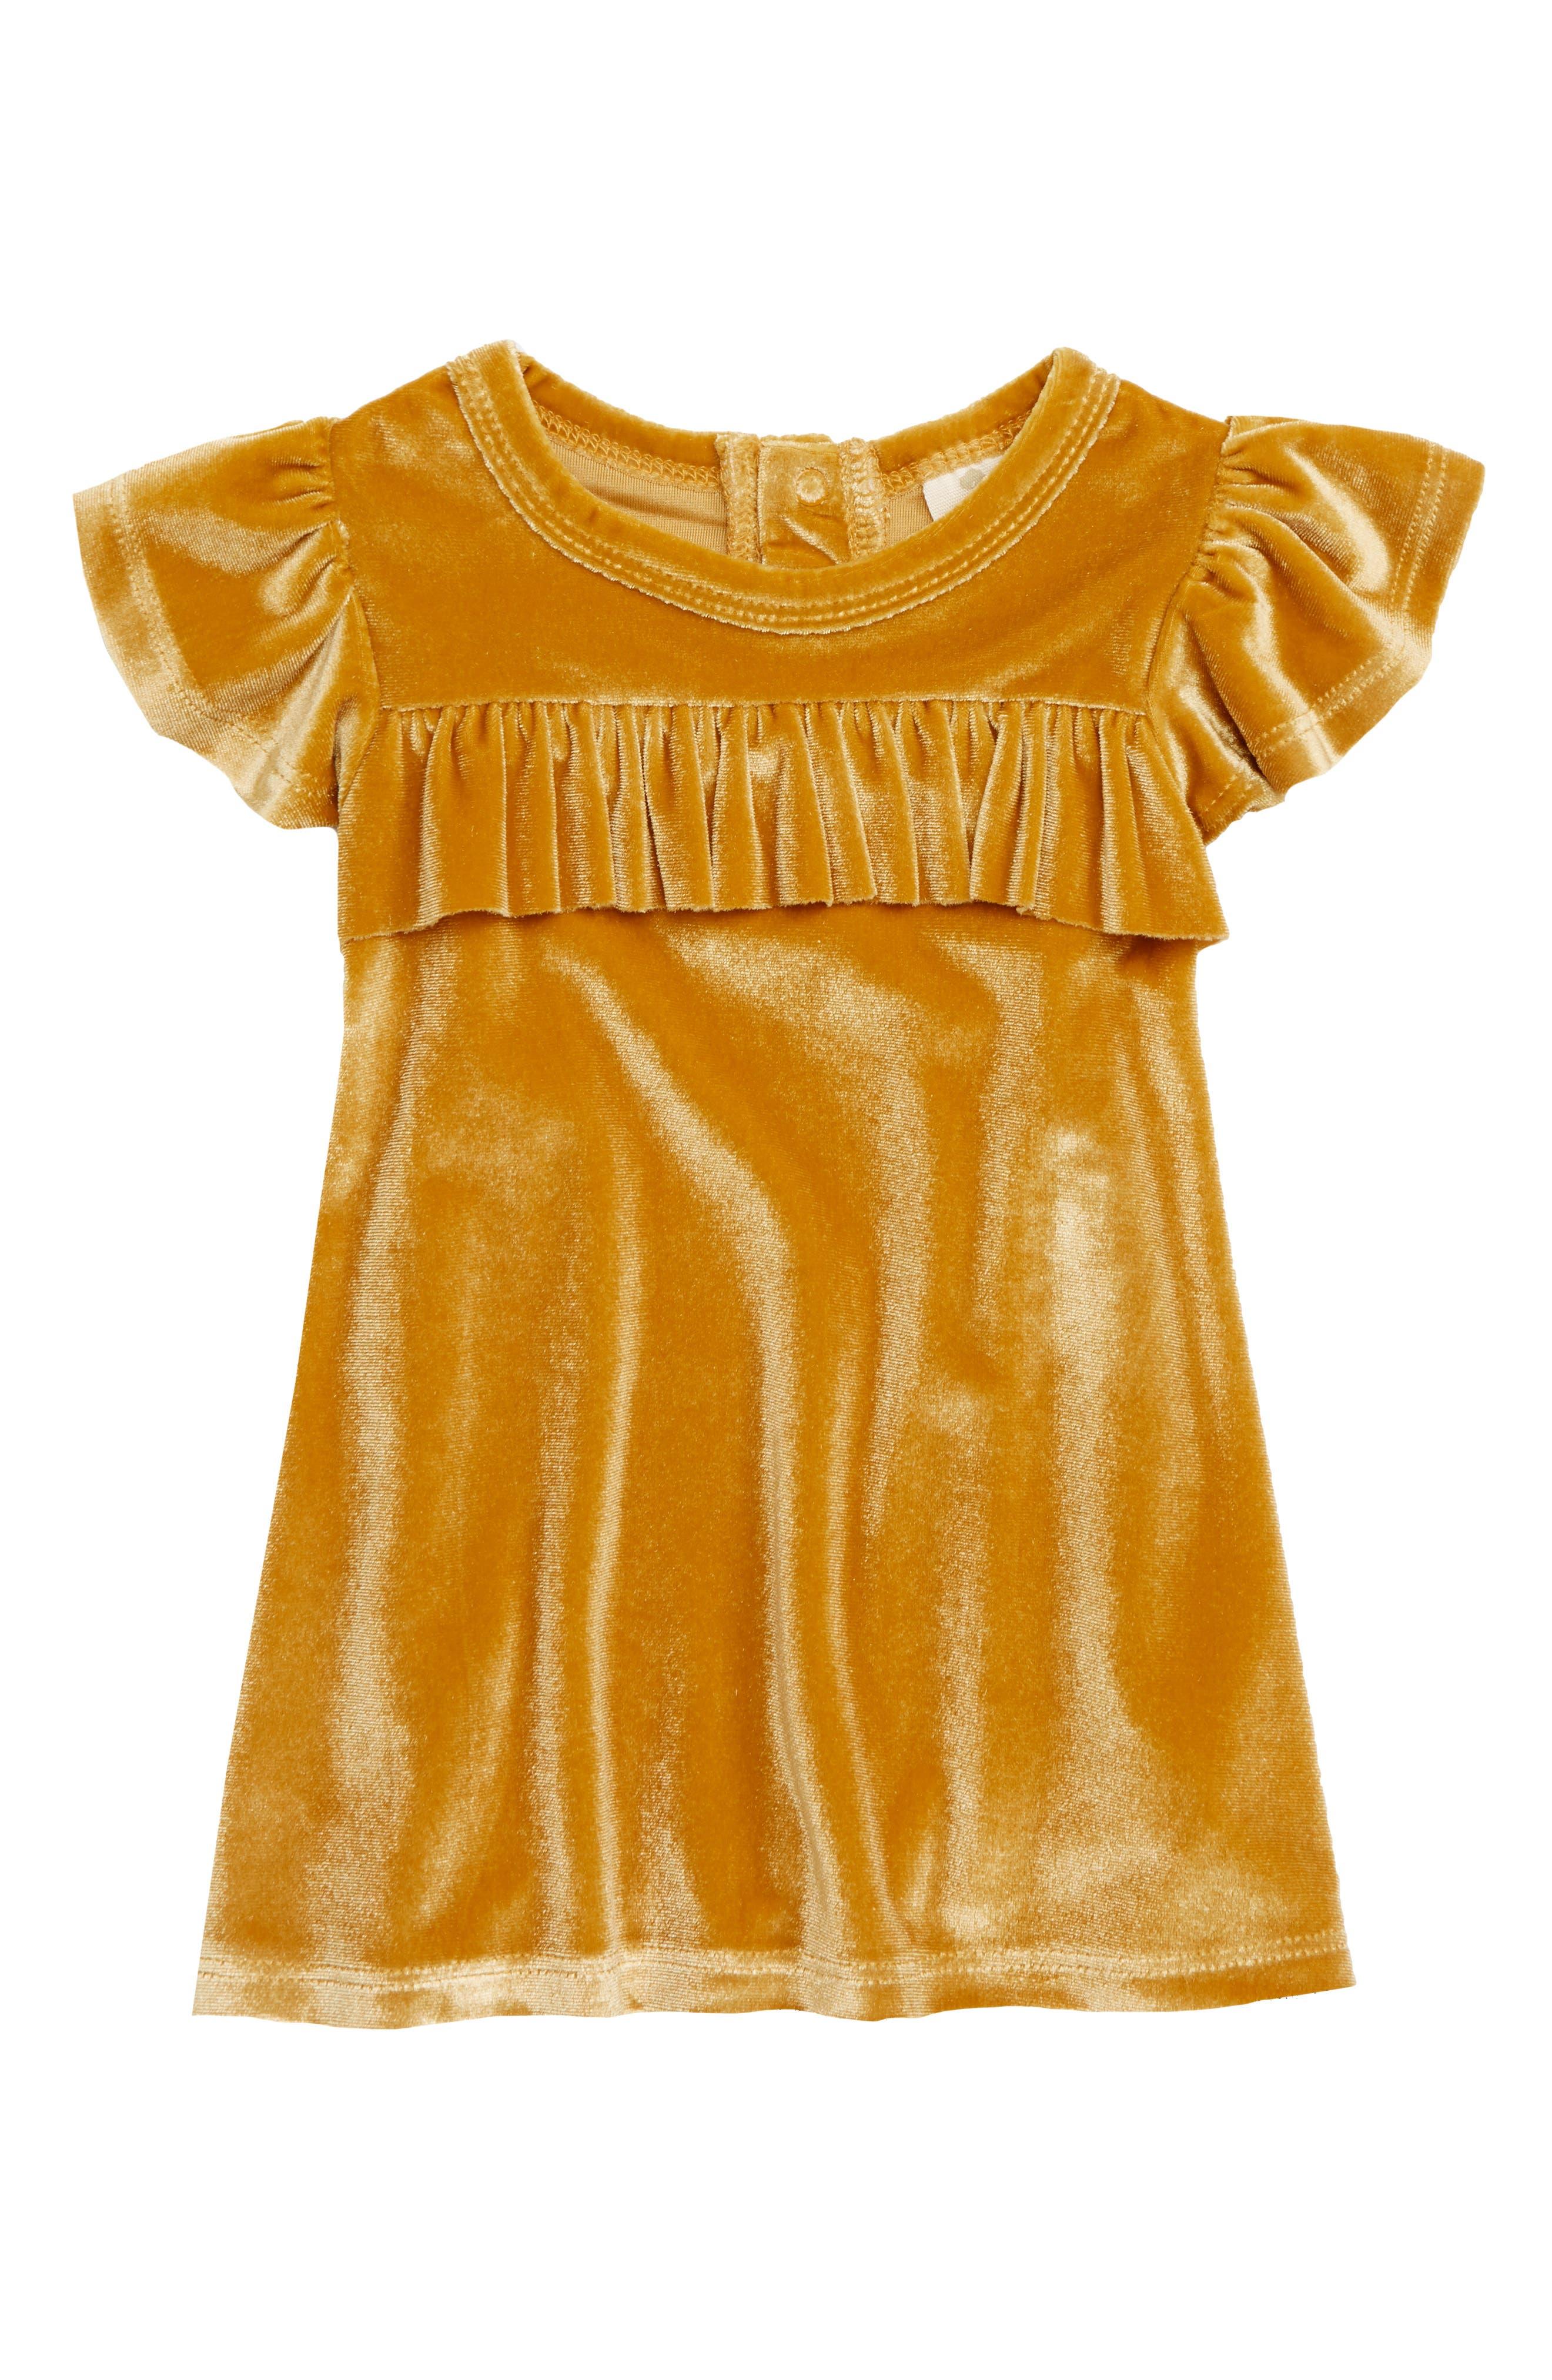 TUCKER + TATE Velvet Ruffle Dress, Main, color, 701